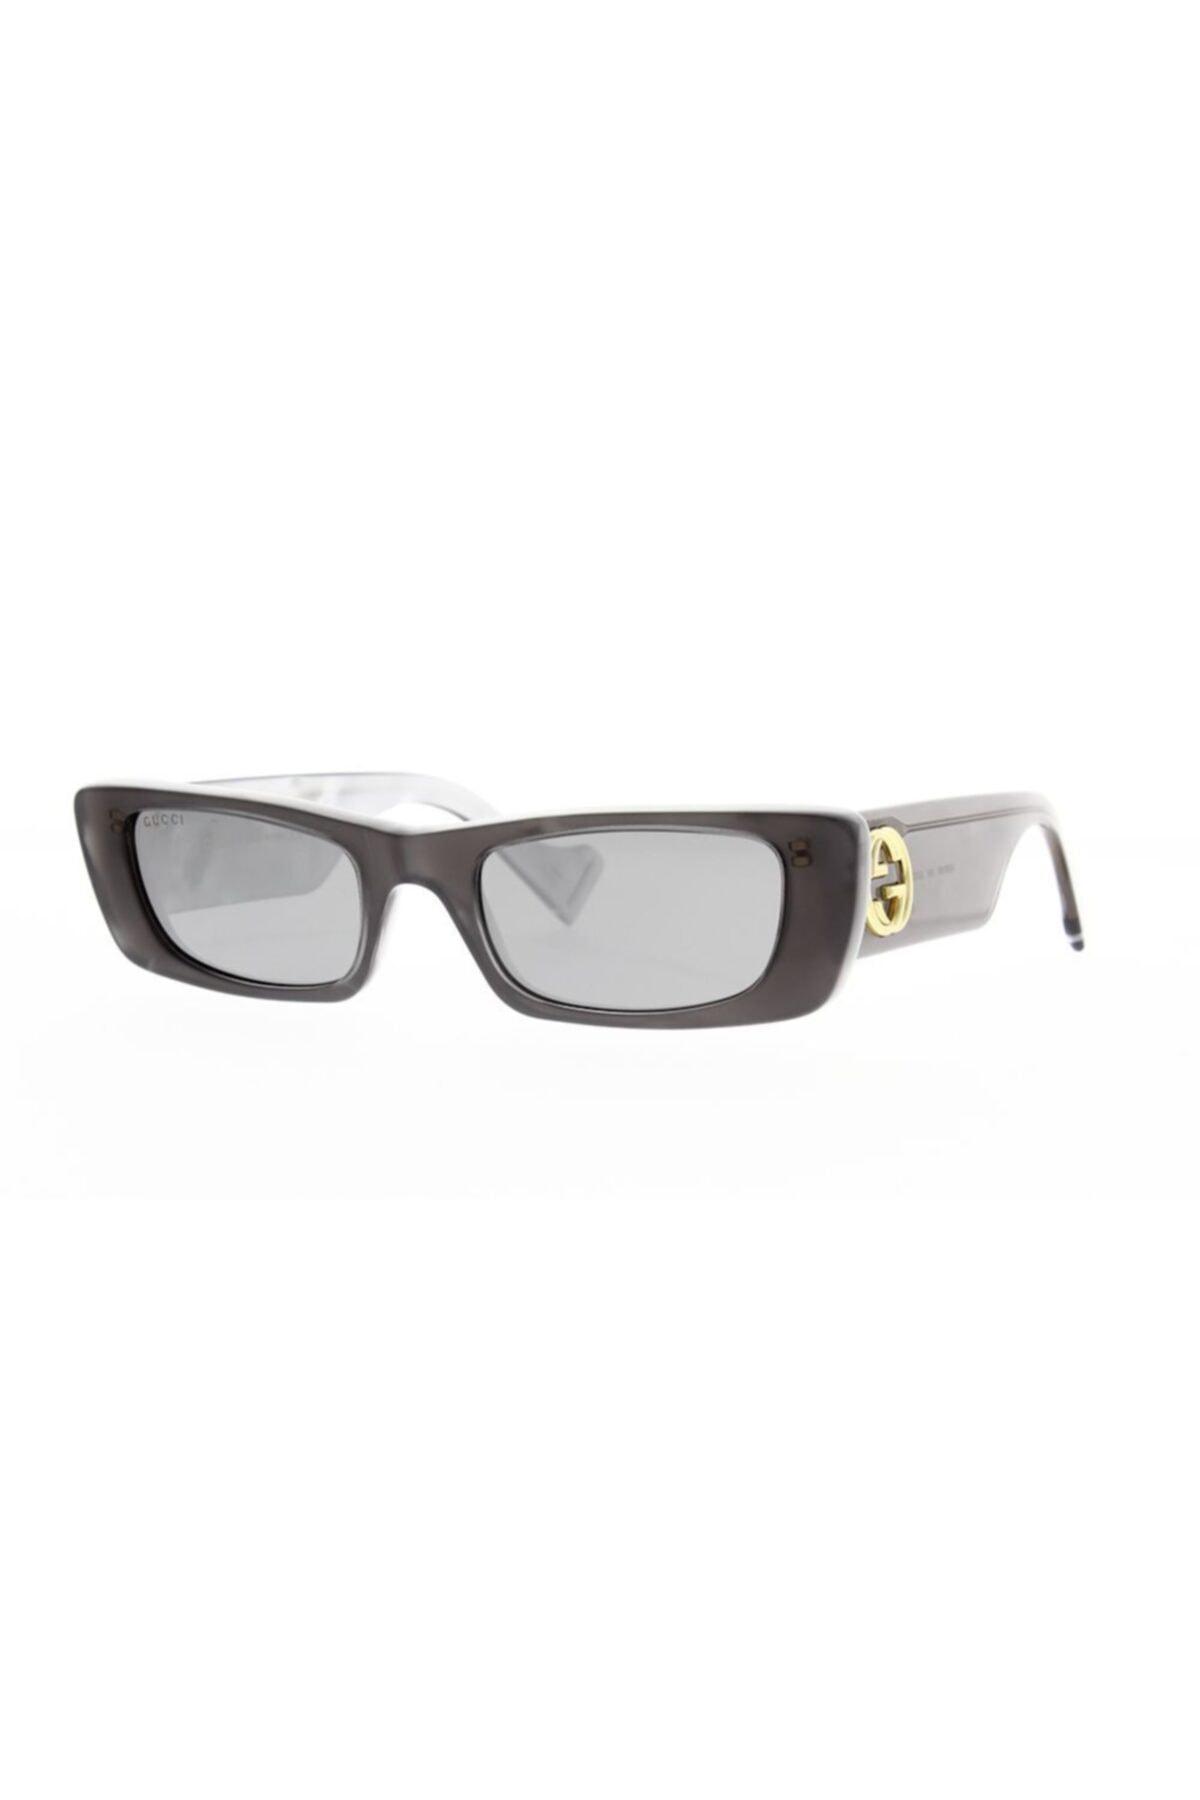 فروش پستی ست عینک آفتابی زنانه برند گوچی کد ty48318554